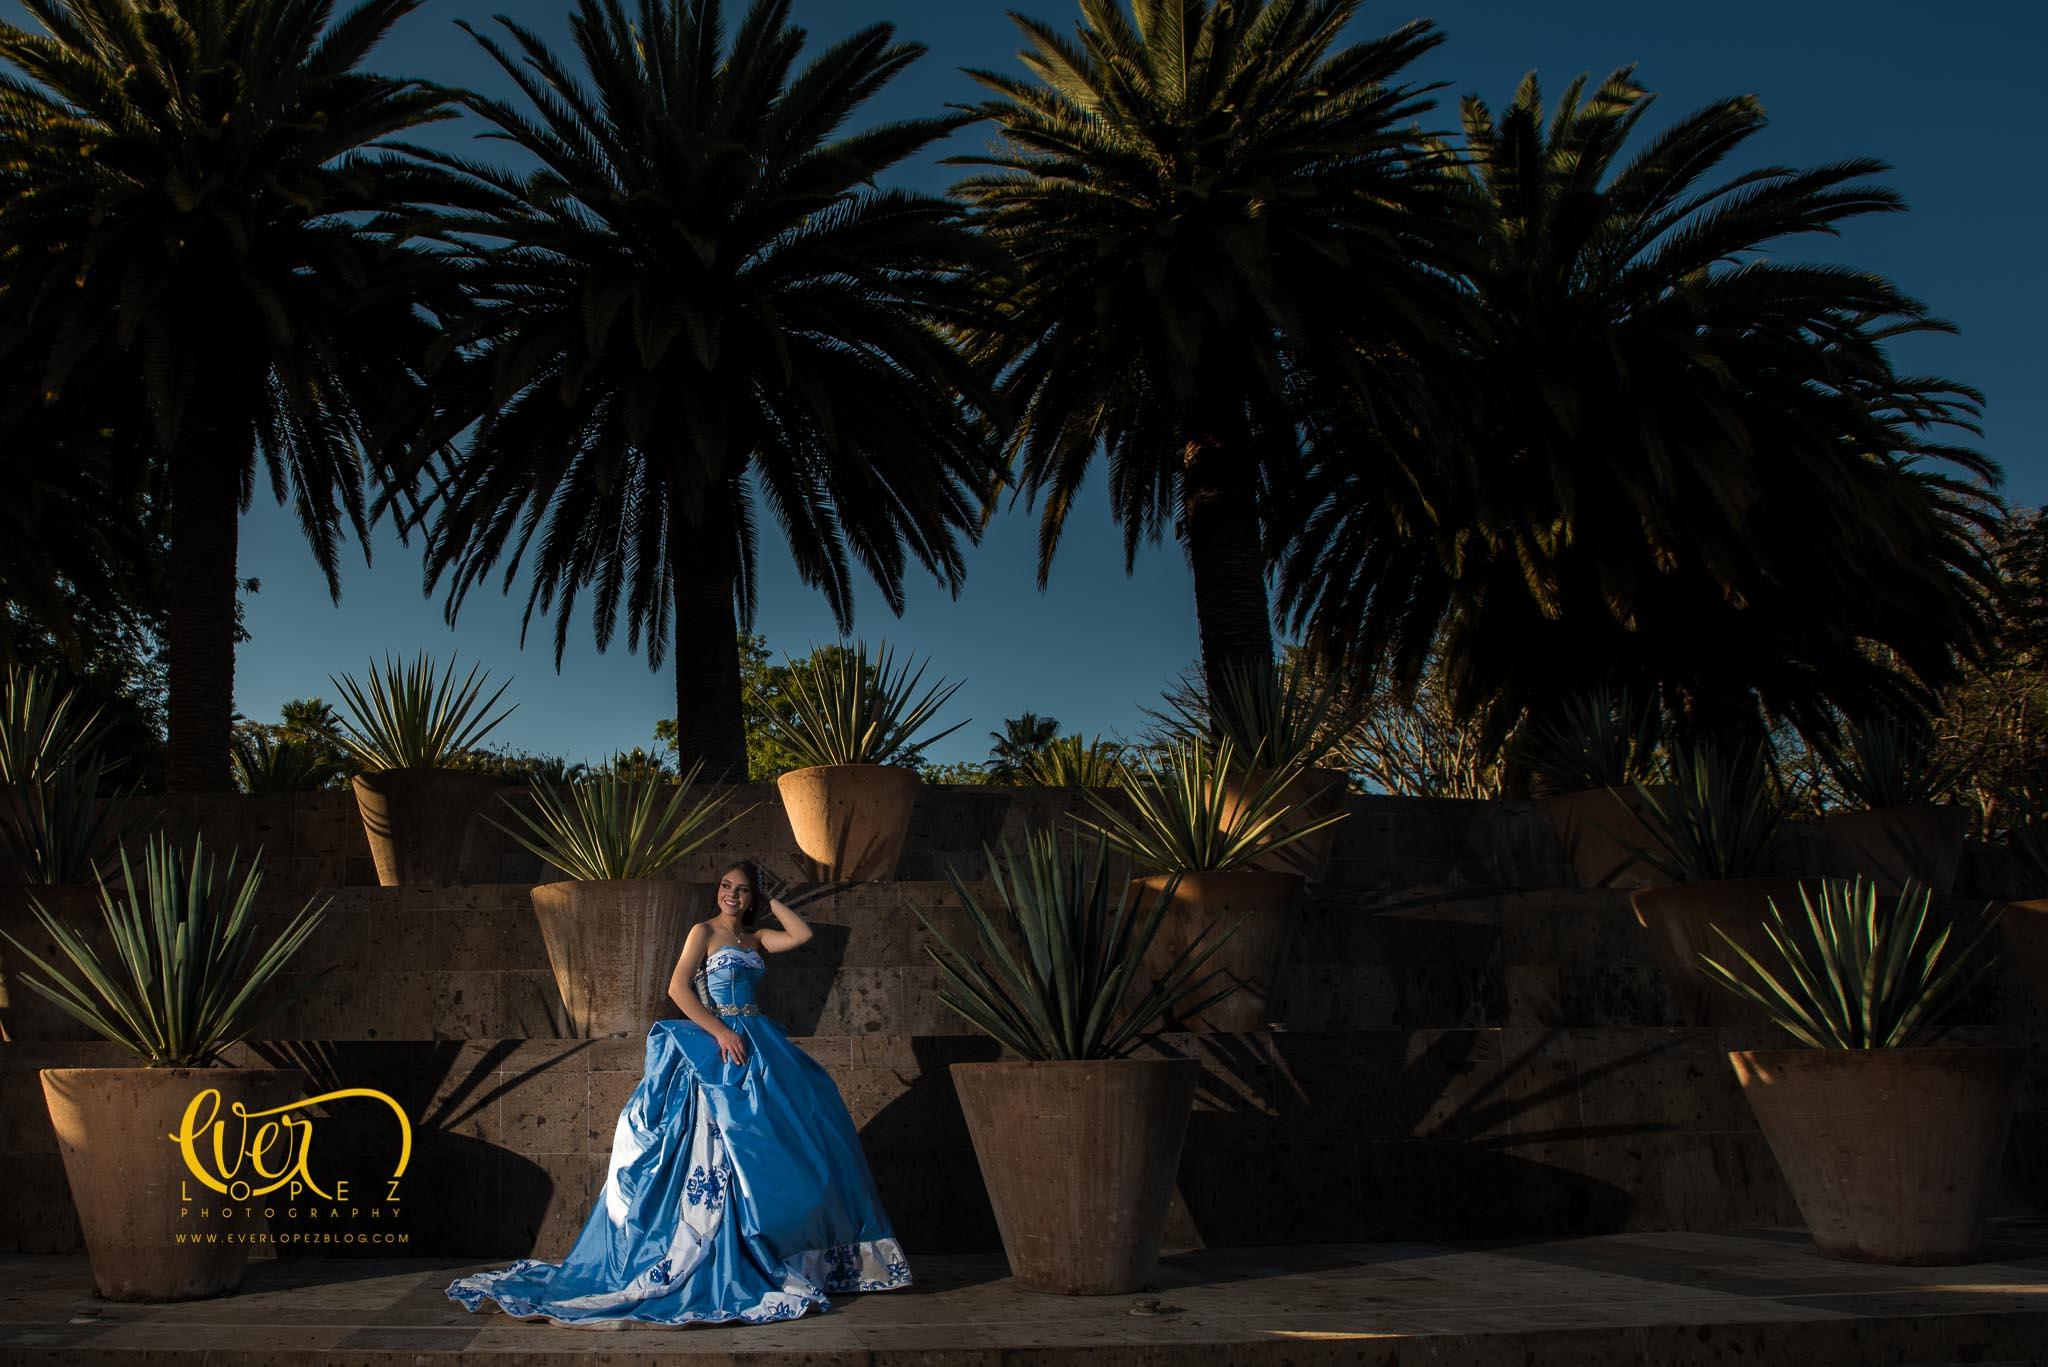 Locaciones para fotos de xv años quinceañeras Guadalajara jalisco, www.everlopezblog.com